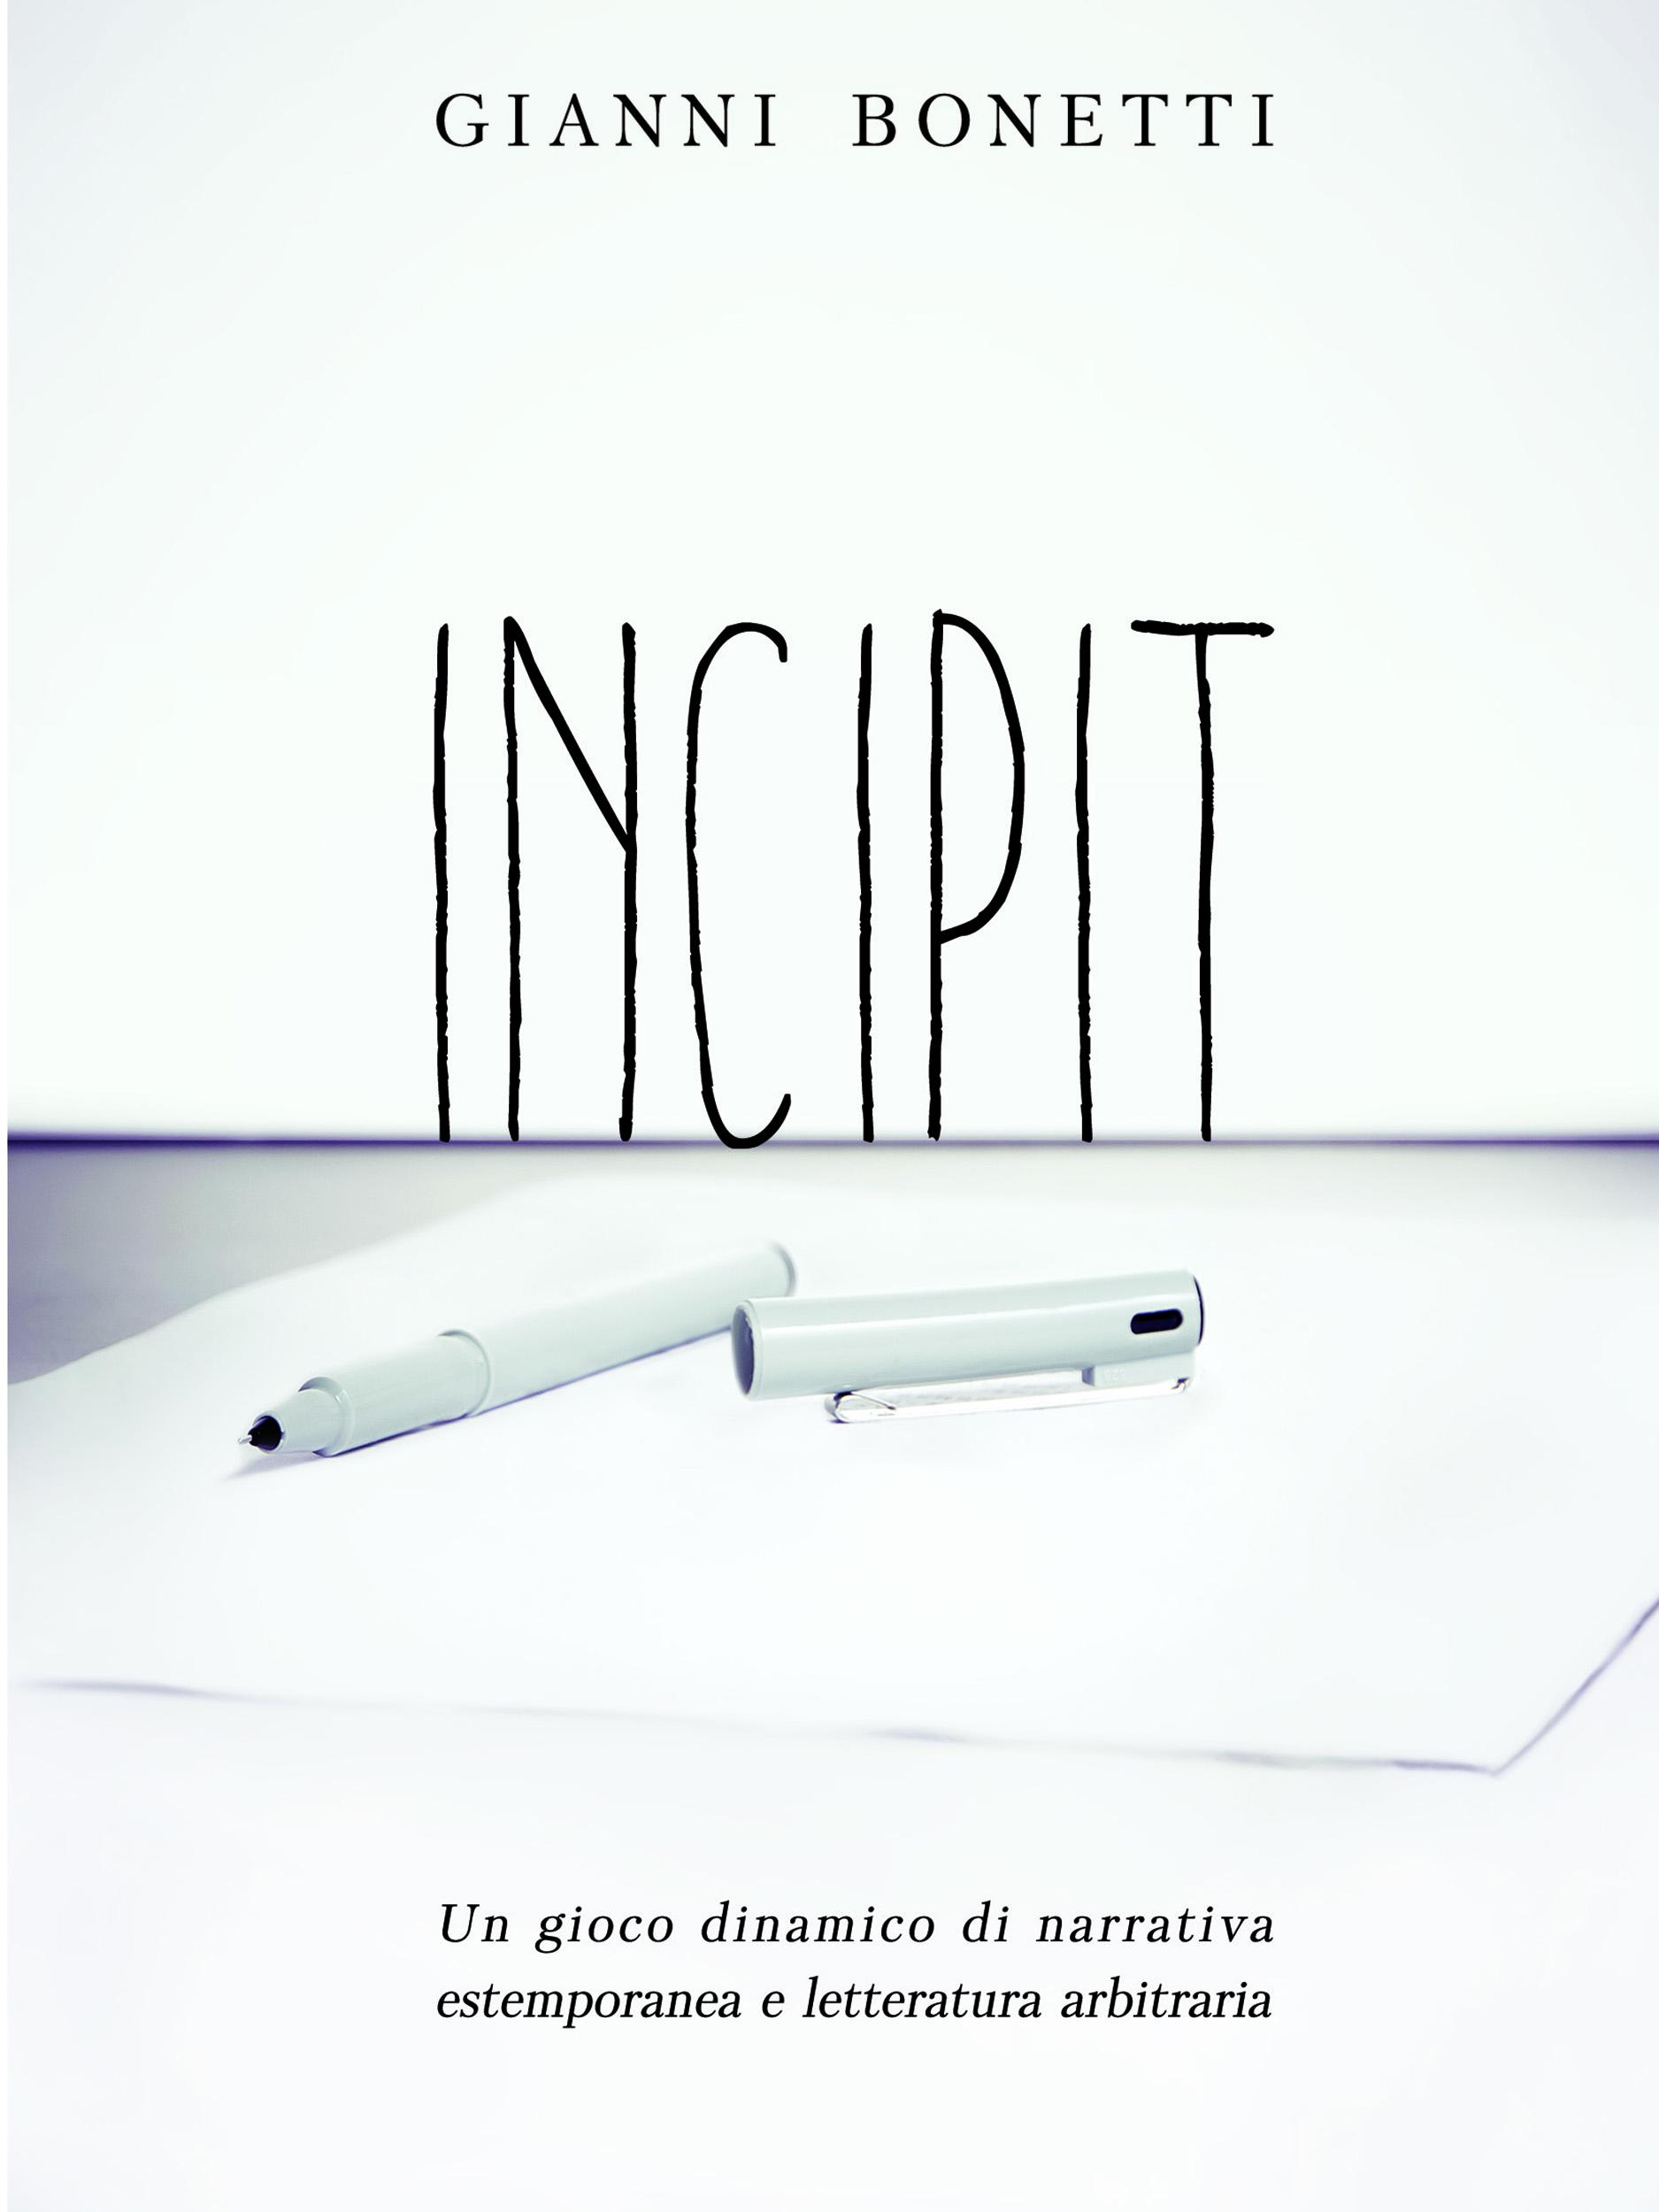 Incipit - Un gioco dinamico di narrativa estemporanea e letteratura arbitraria